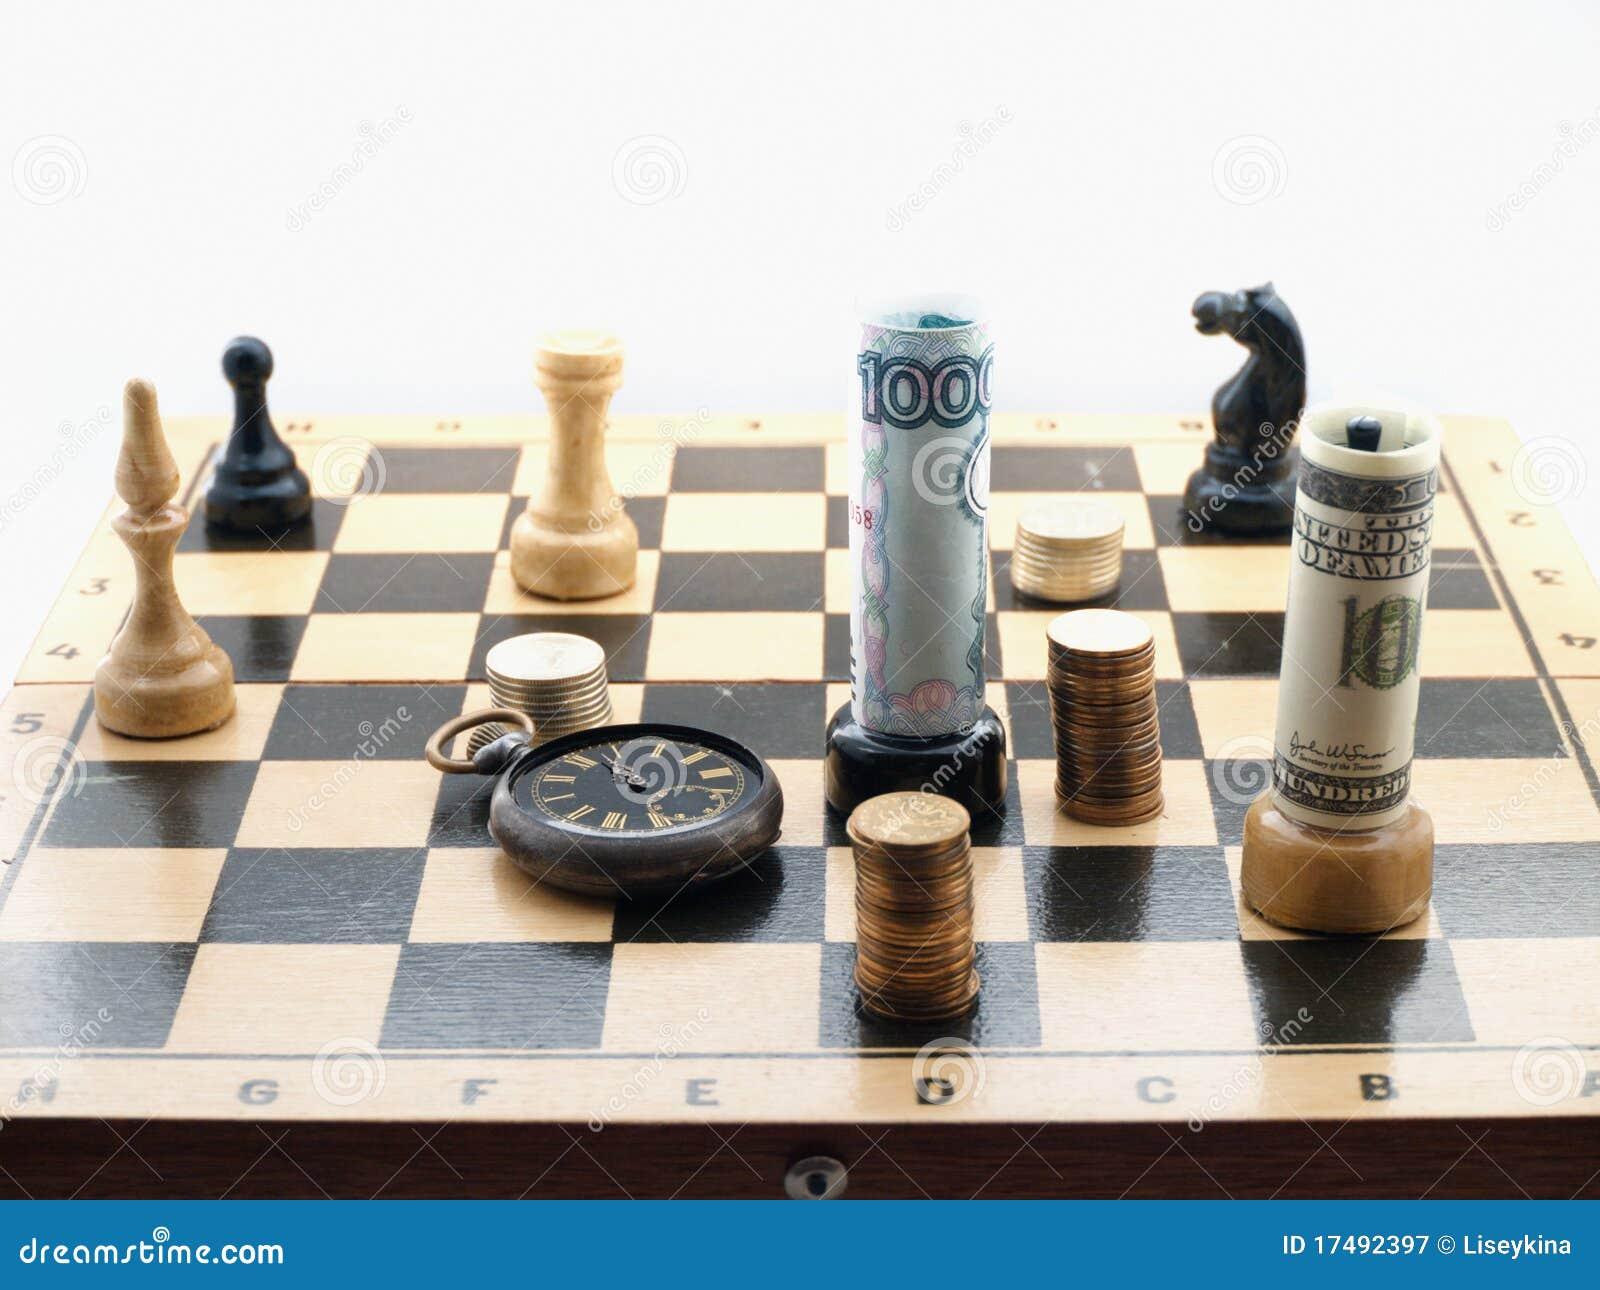 play chess make money